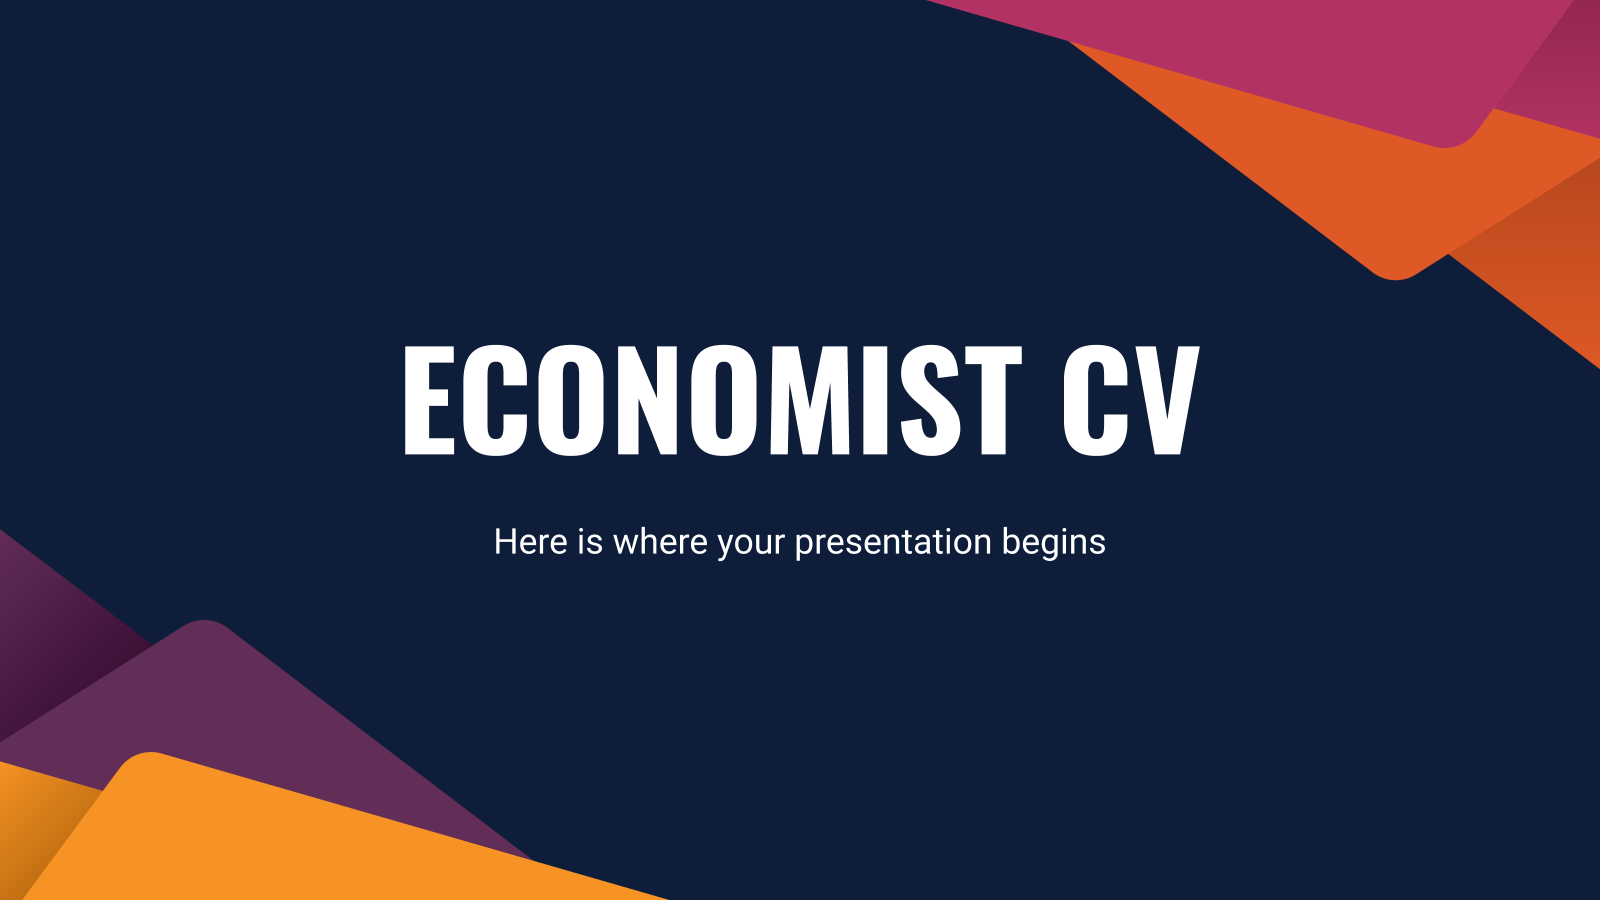 CV de l'économiste : Modèles de présentation